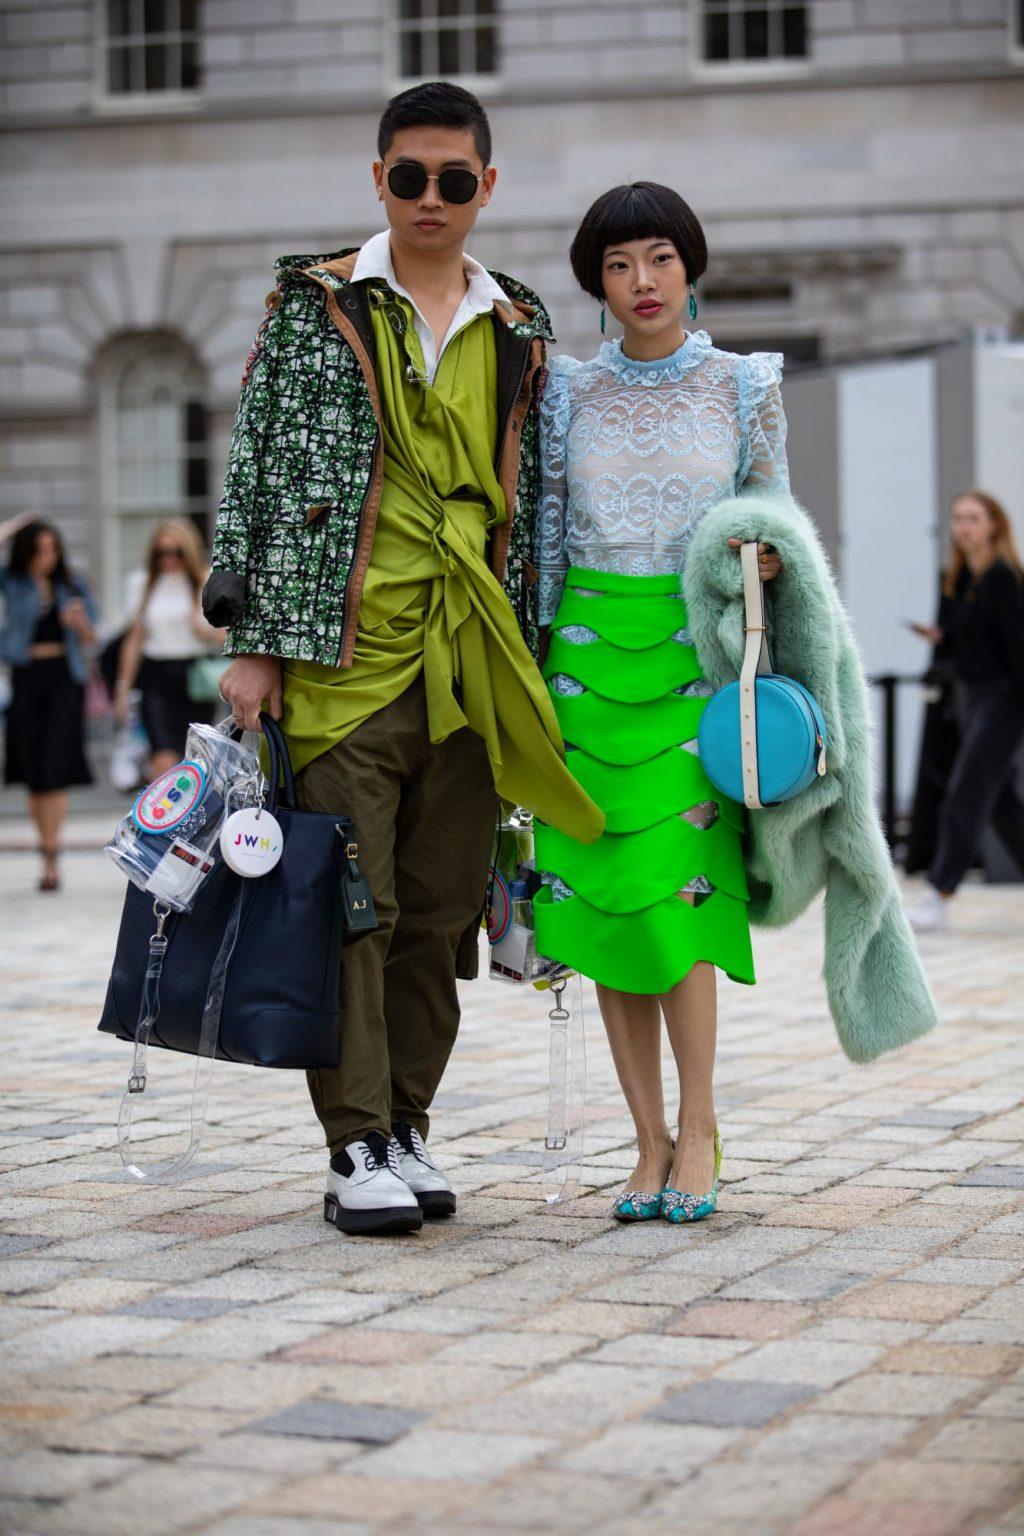 tuần lễ thời trang London 2019 7